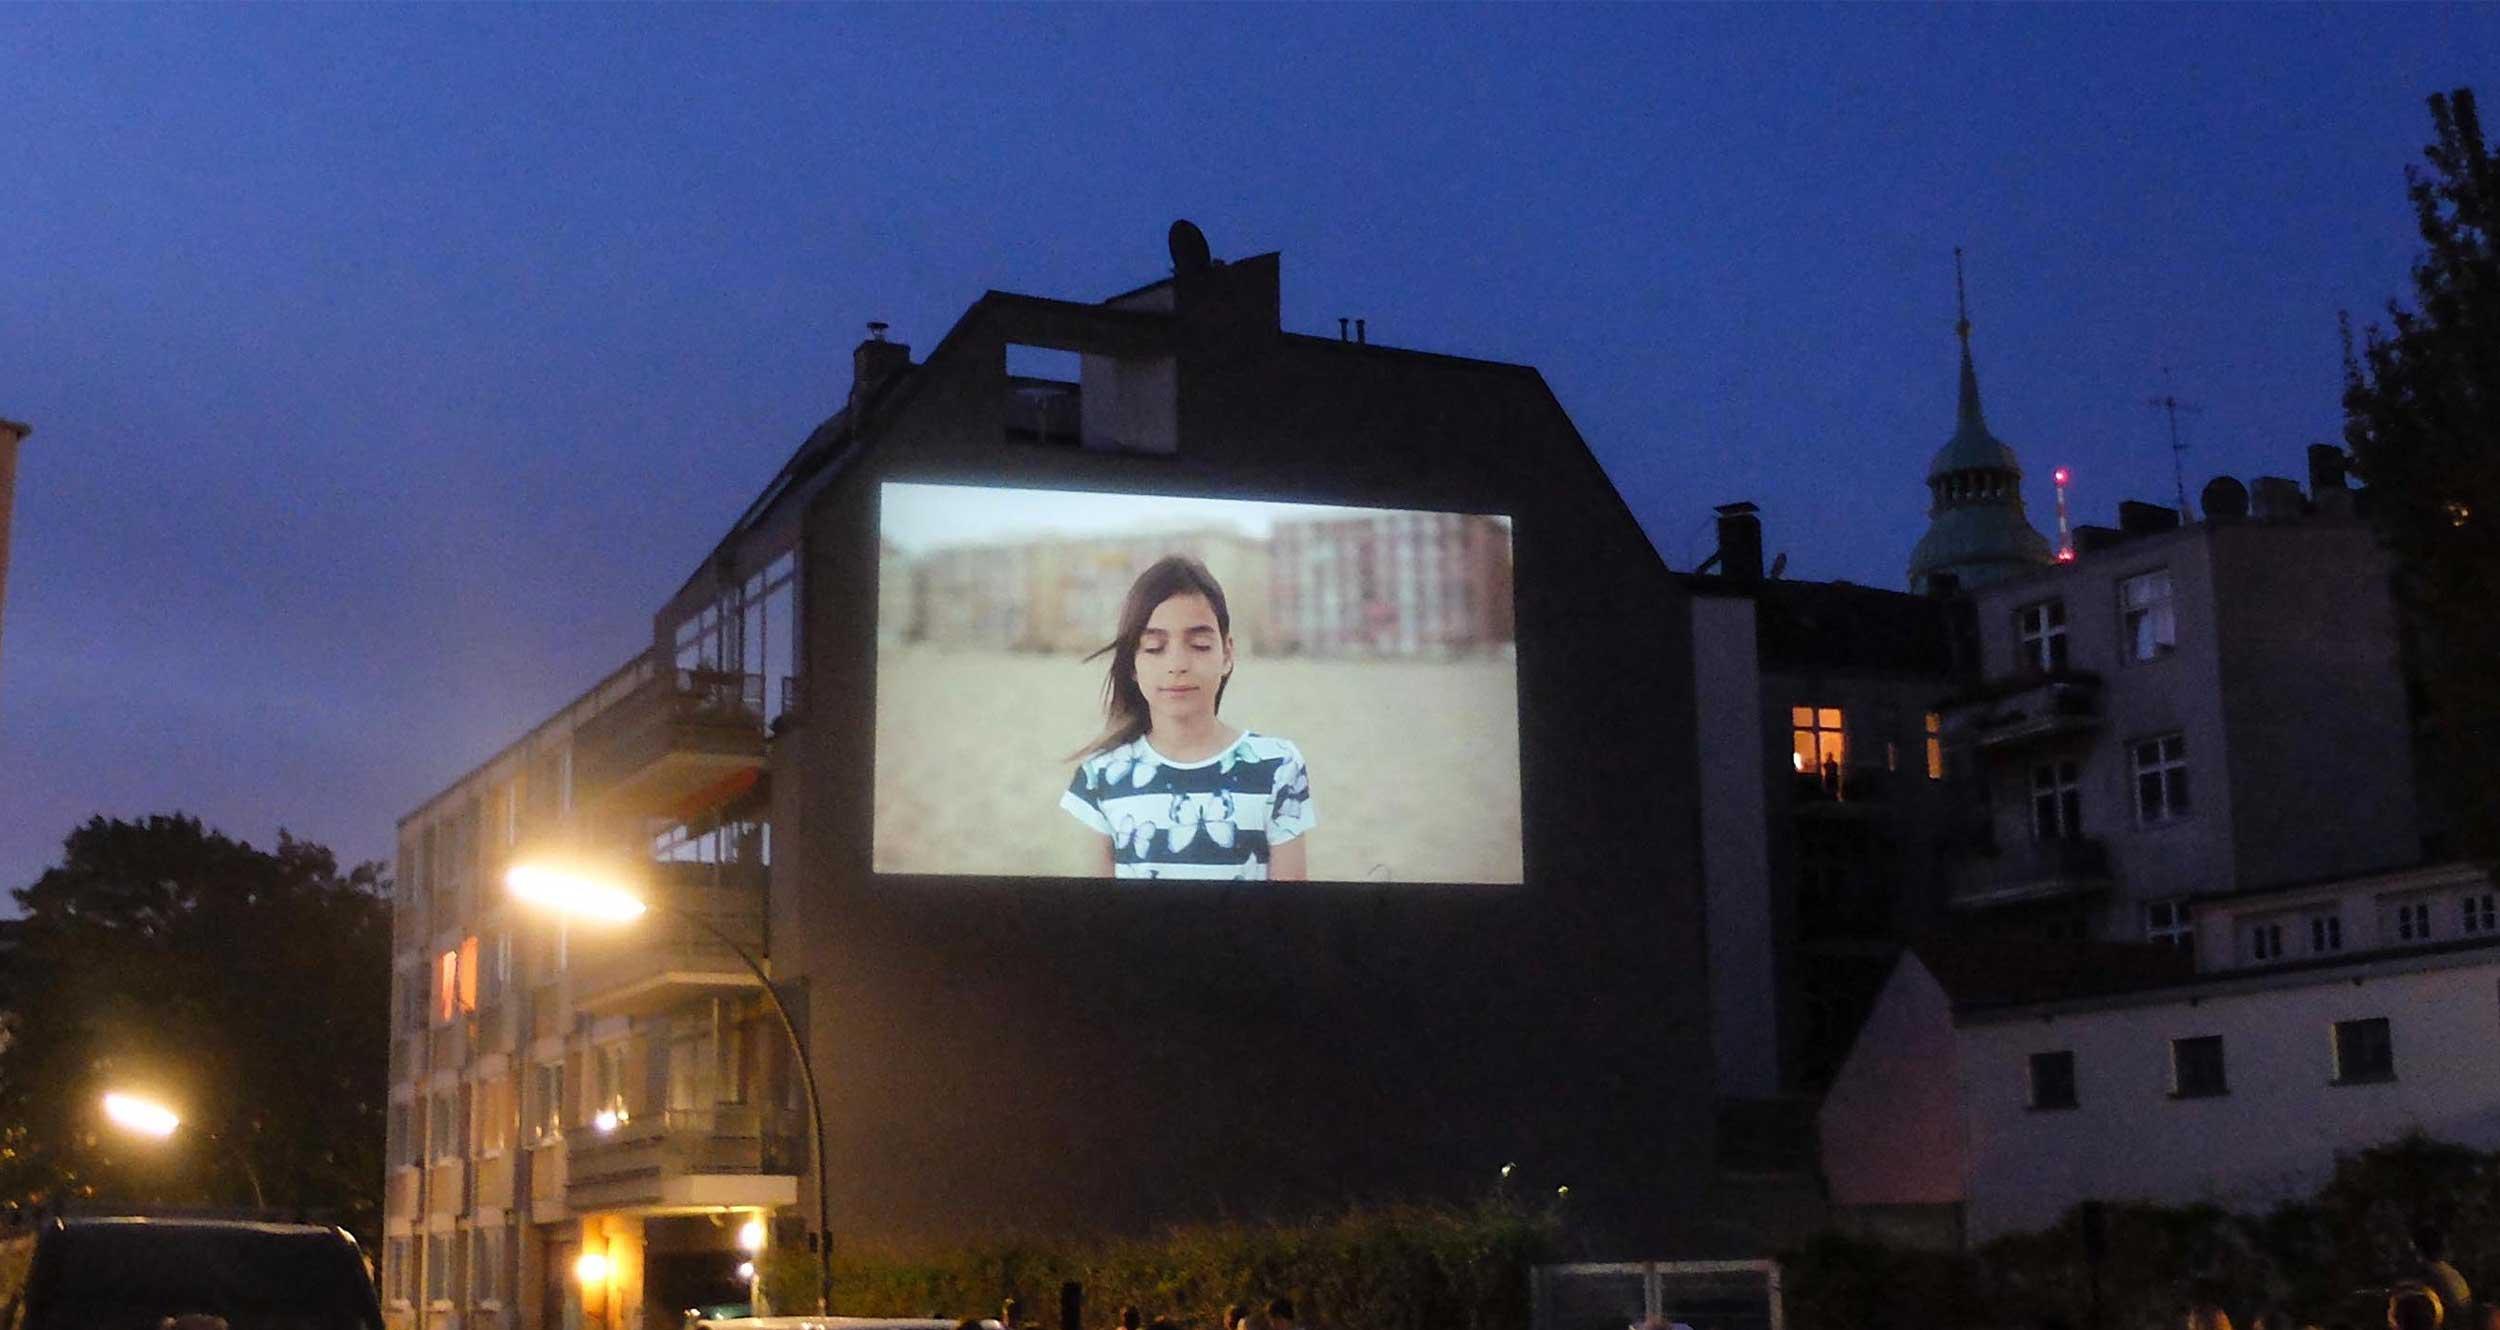 Bild von A wall is a screen (c) Nadine Mayer